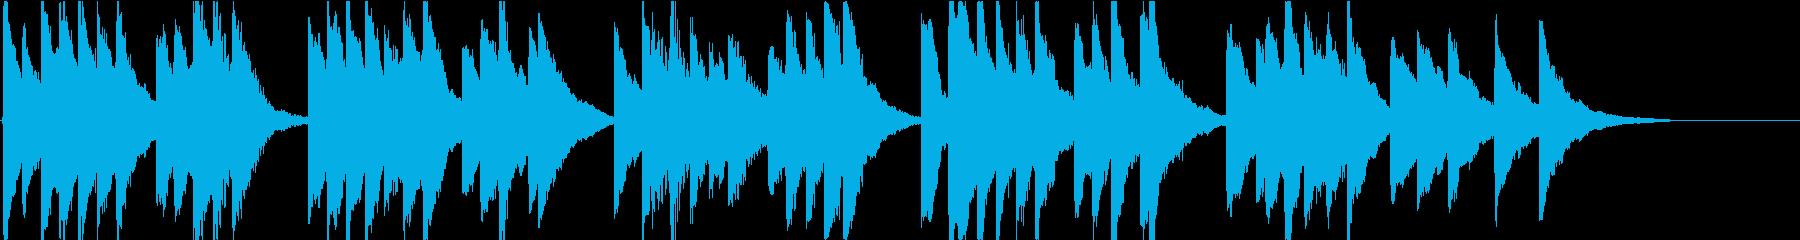 時報・チャイム風の名曲のメロディ・11の再生済みの波形